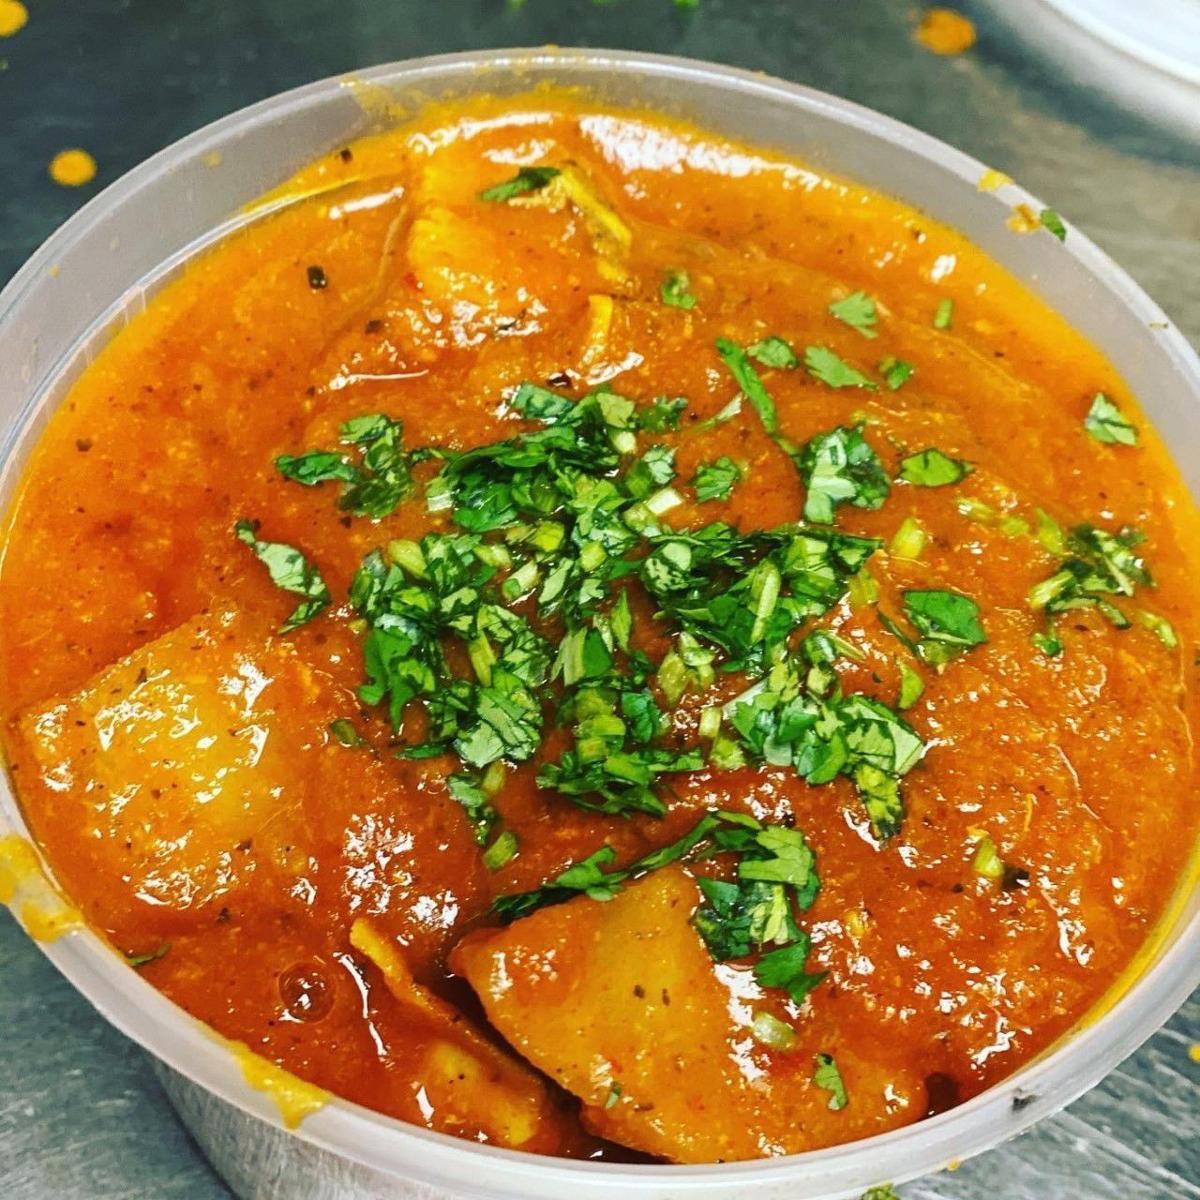 20210602-gm-food-guy_Chicken vindaloo from Nawab.jpg